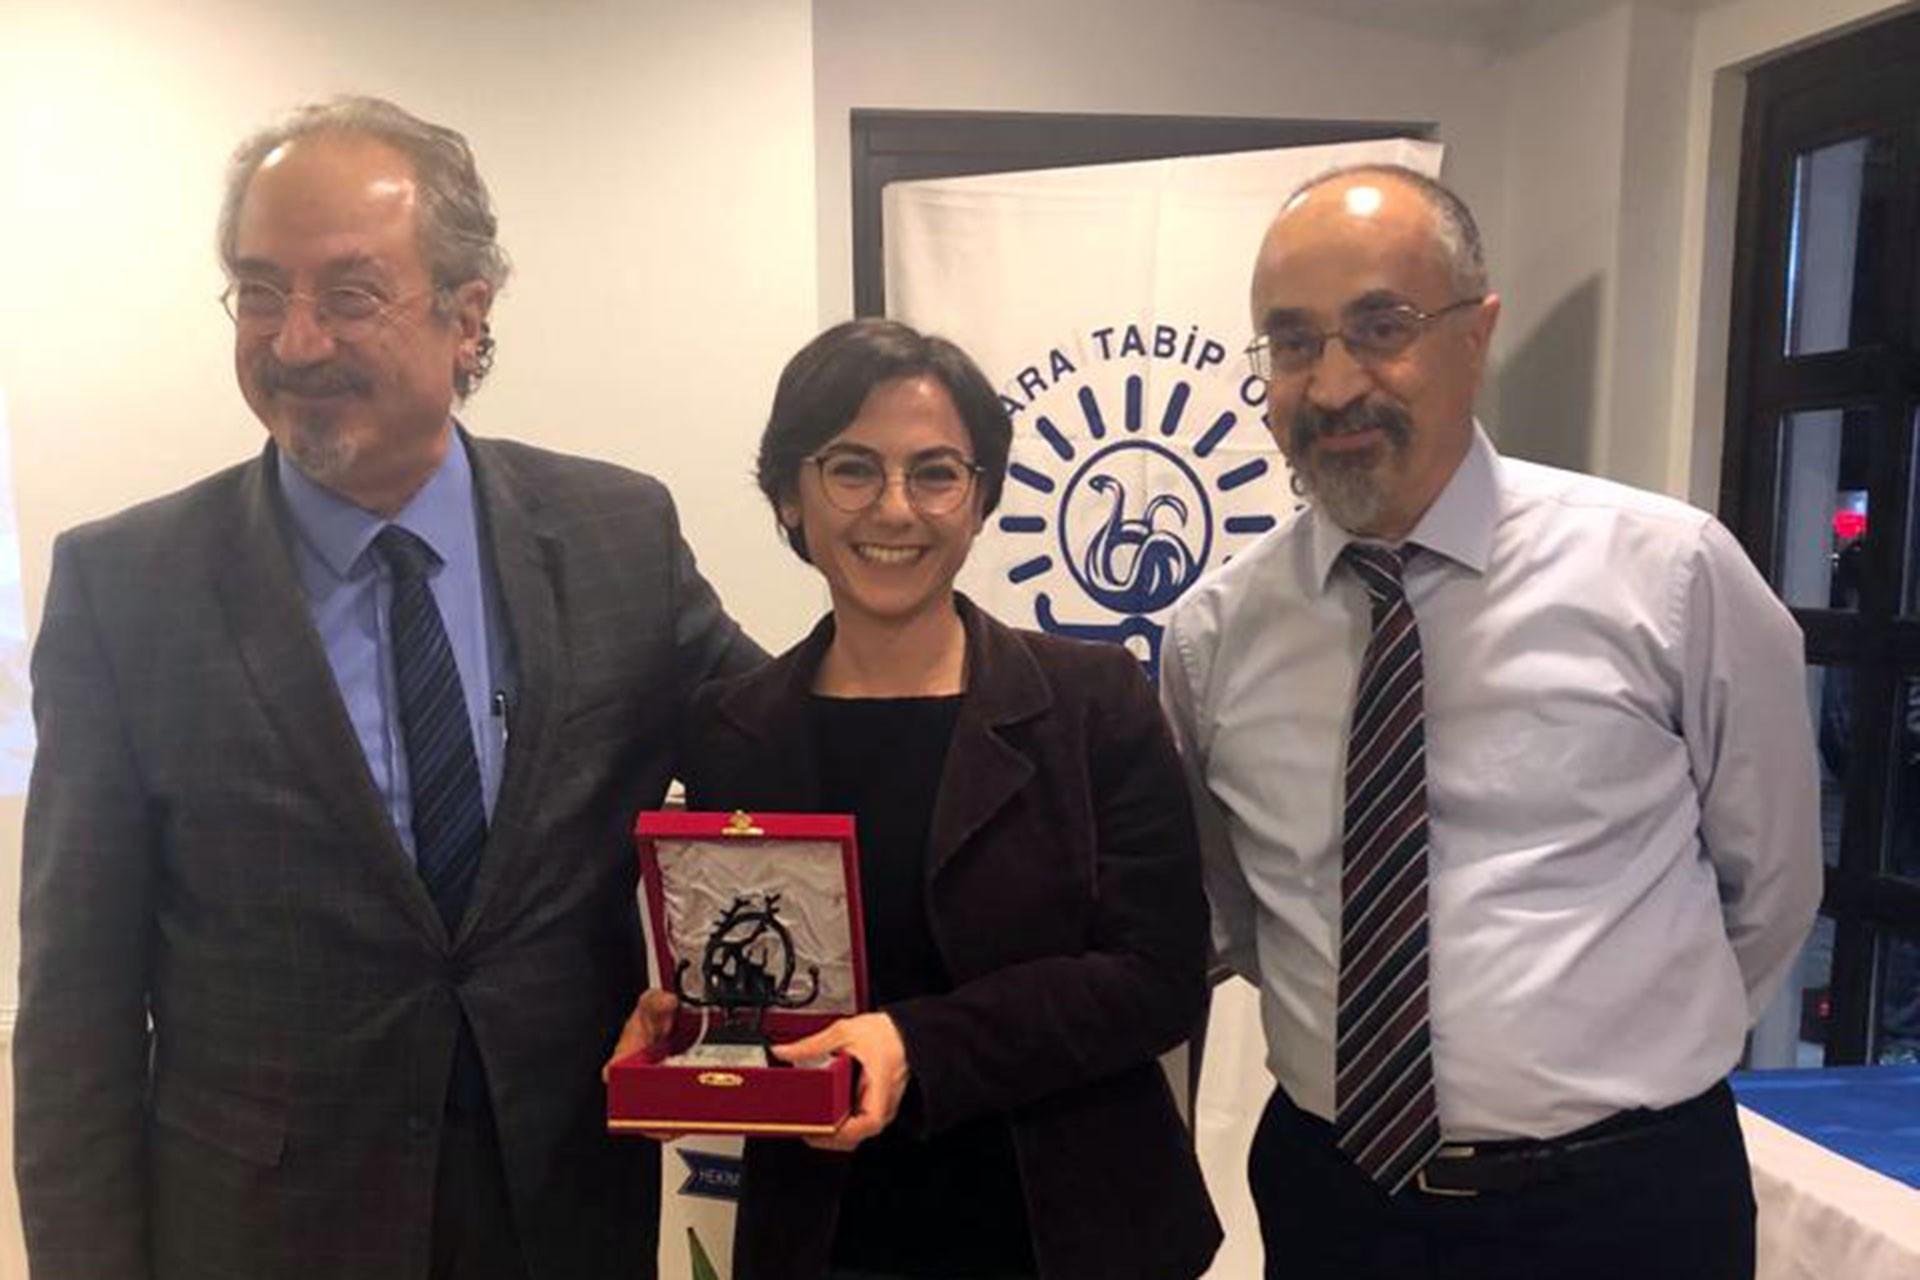 Ankara Tabip Odası, Evrensel Muhabiri Burcu Yıldırım'a ödülünü verirken